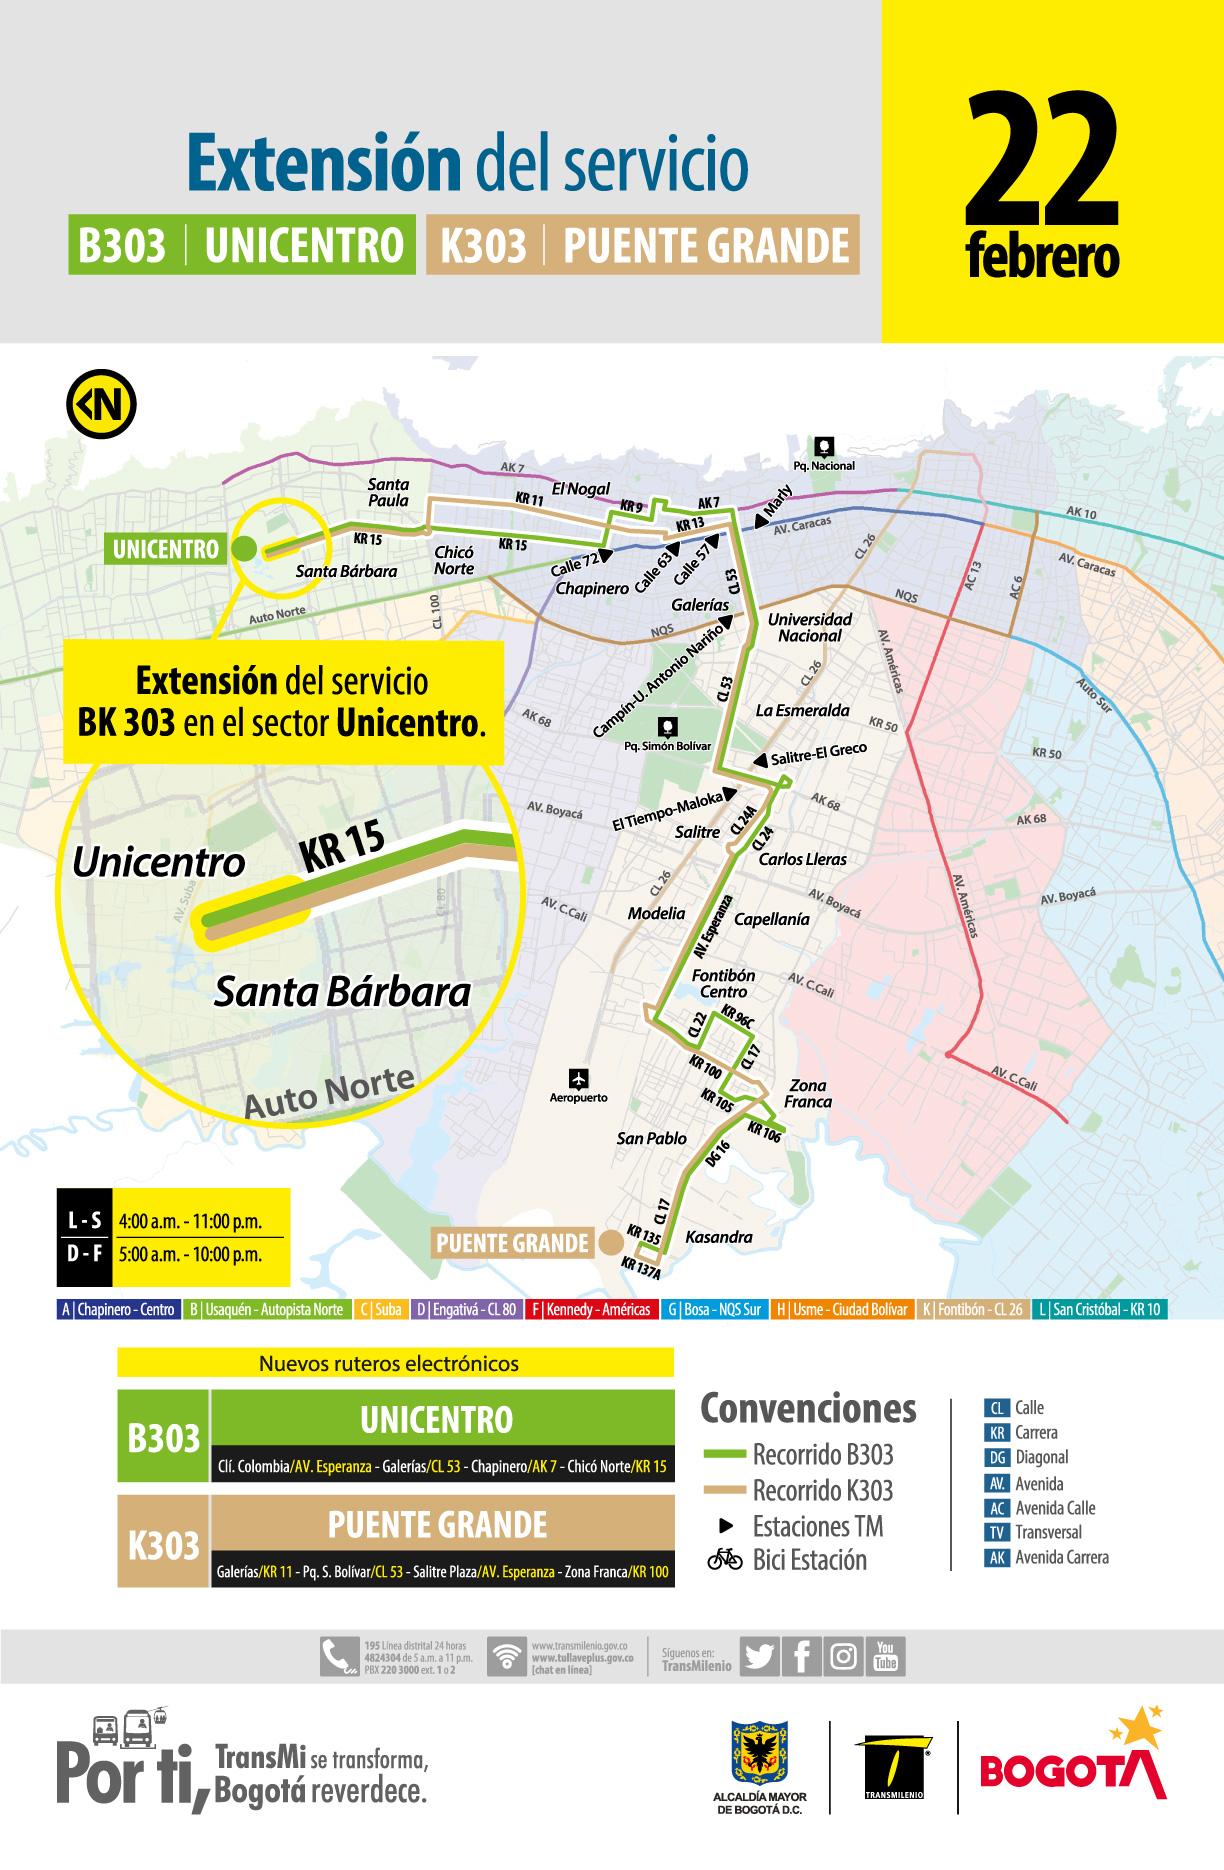 Mapa de la ruta B303 Unicentro - K303 Puente Grande